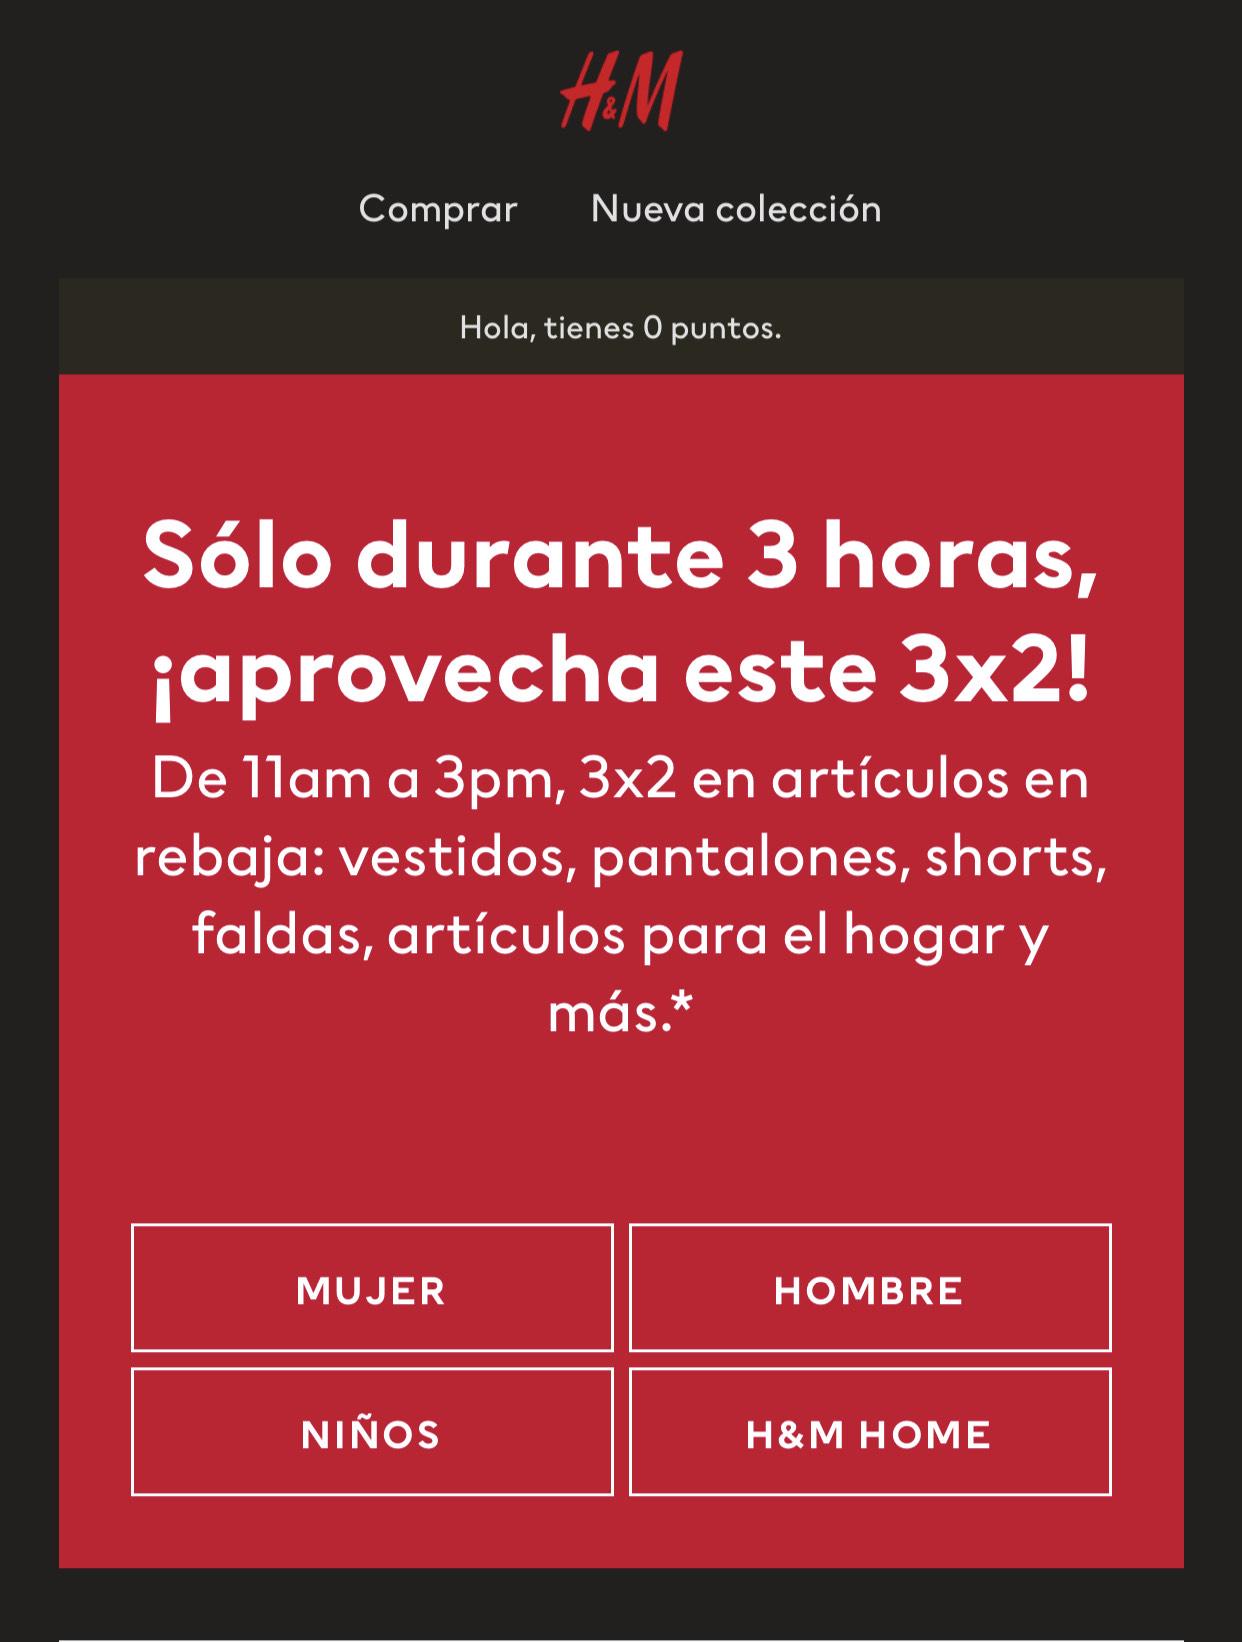 H&M: 3x2 en Artículos en Rebaja